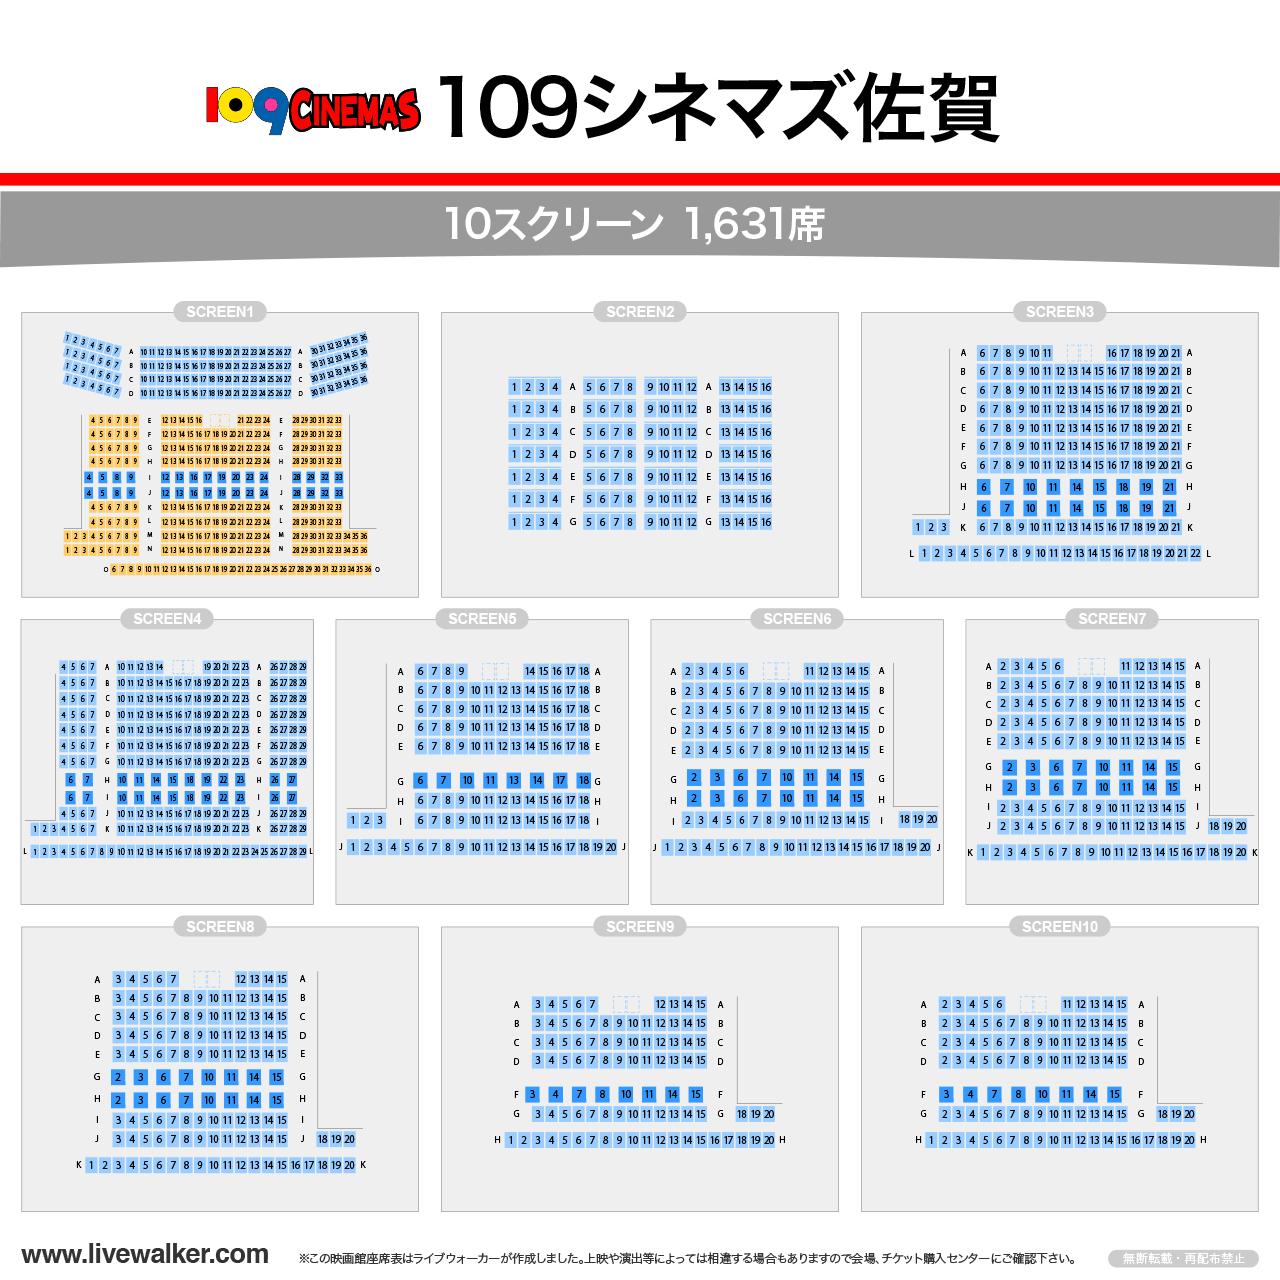 109シネマズ佐賀 (佐賀県 佐賀市) - LiveWalker.com